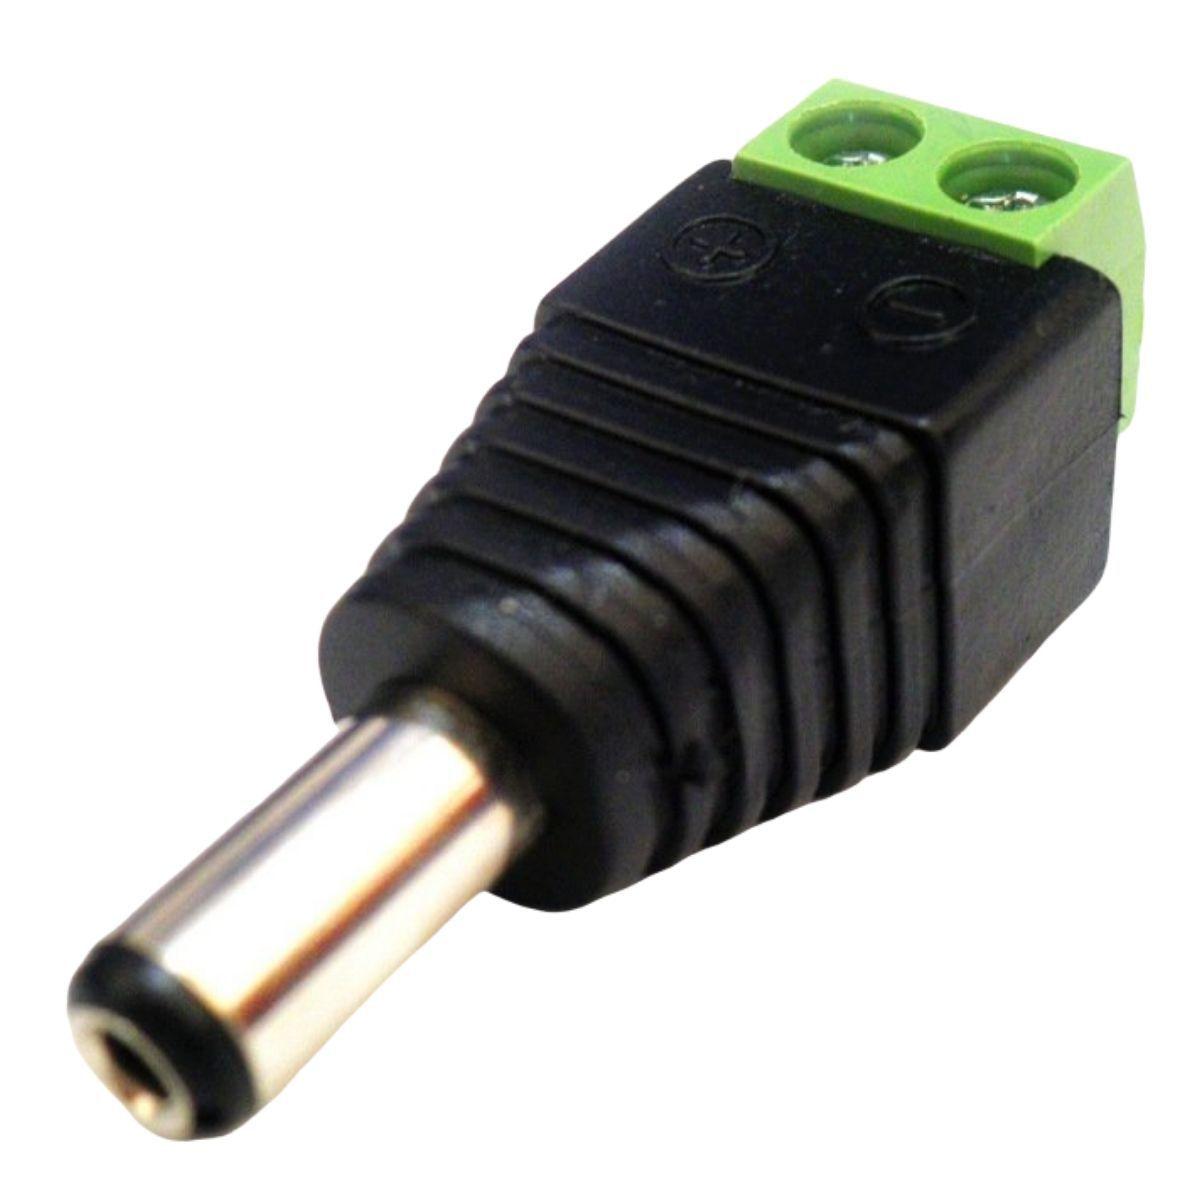 KIT CONECTOR P4 MACHO COM BORNE COM 5 UNIDADES